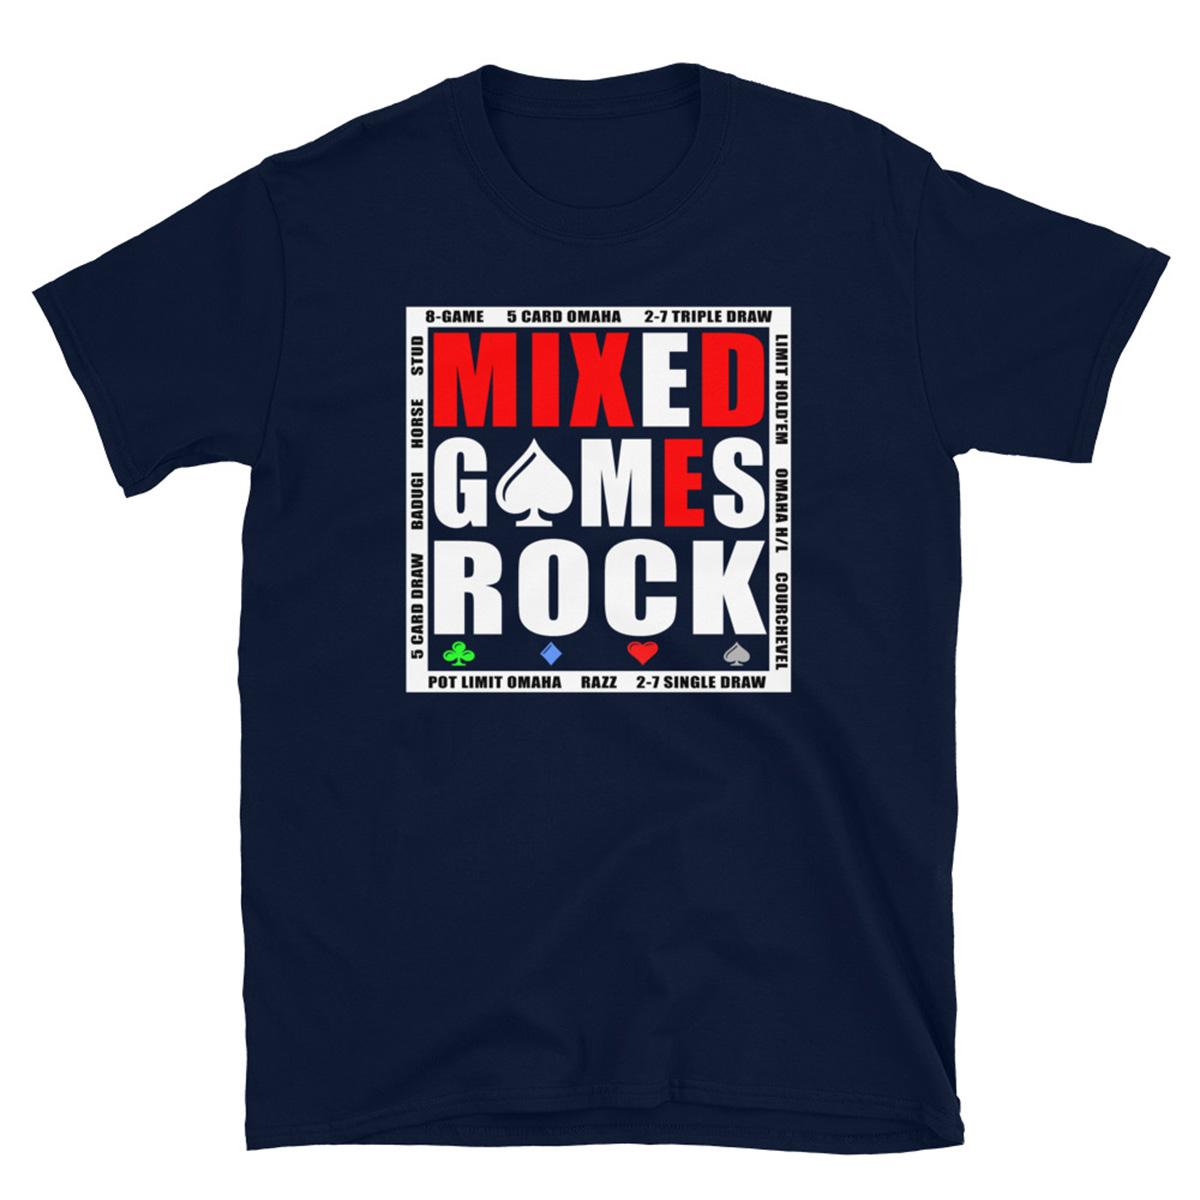 Mixed Games Rock Poker-T-Shirt-Navy